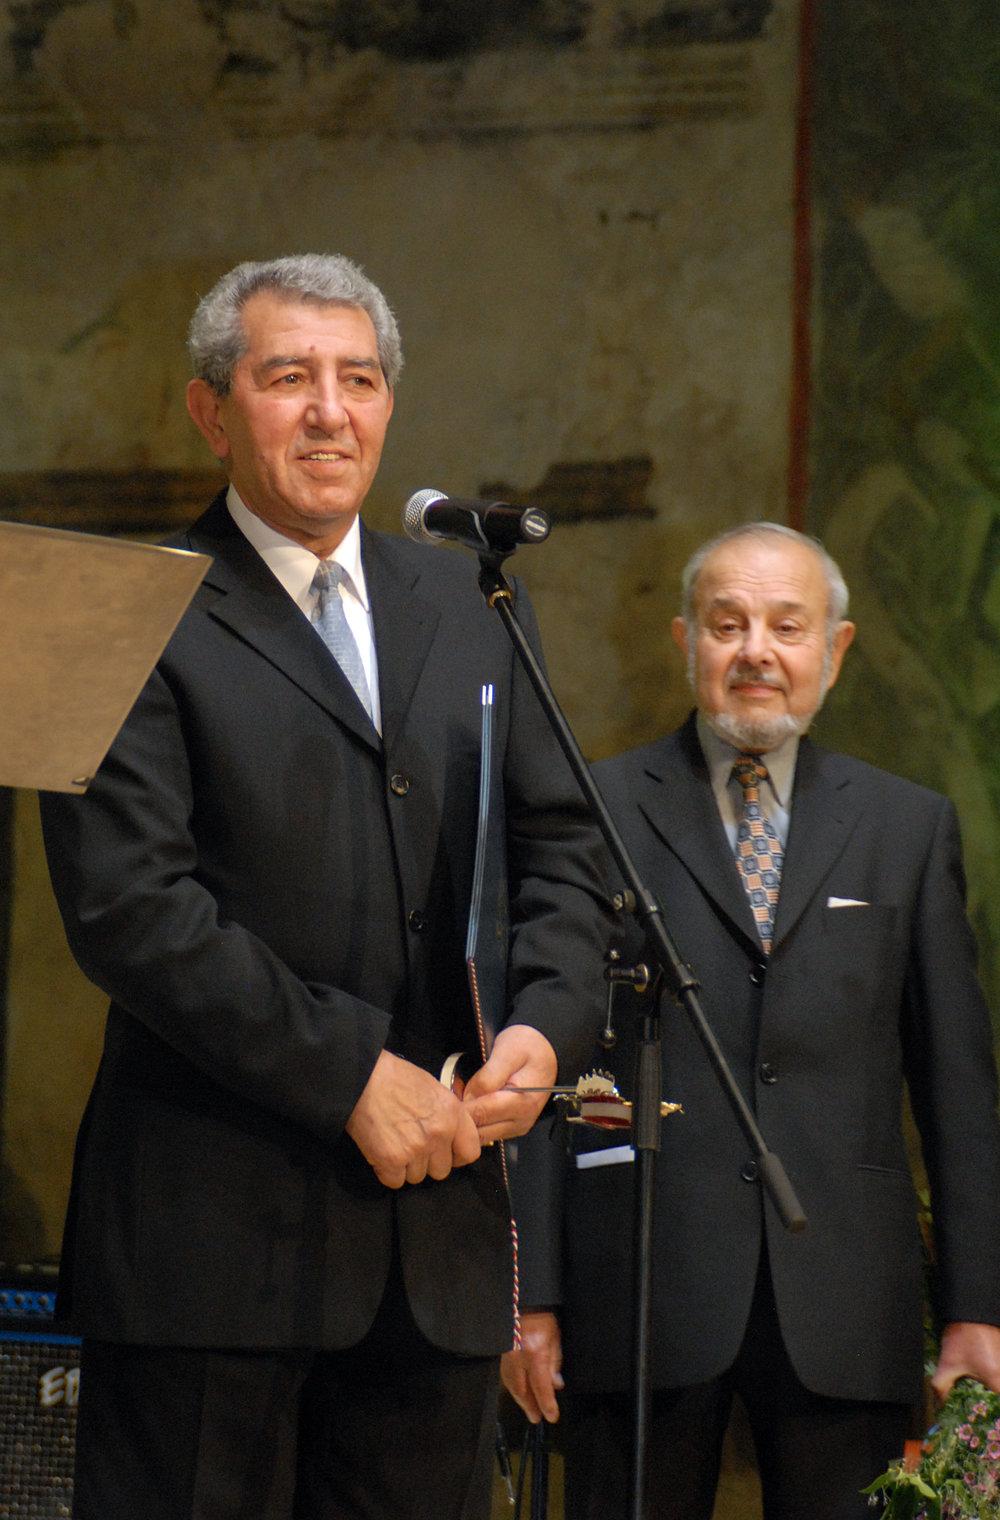 Ladislav Goral převzal cenu Gypsy Spirit v kategorii Jednotlivec, který dlouhodobě svou prací přispívá ke zlepšení postavení Romů.